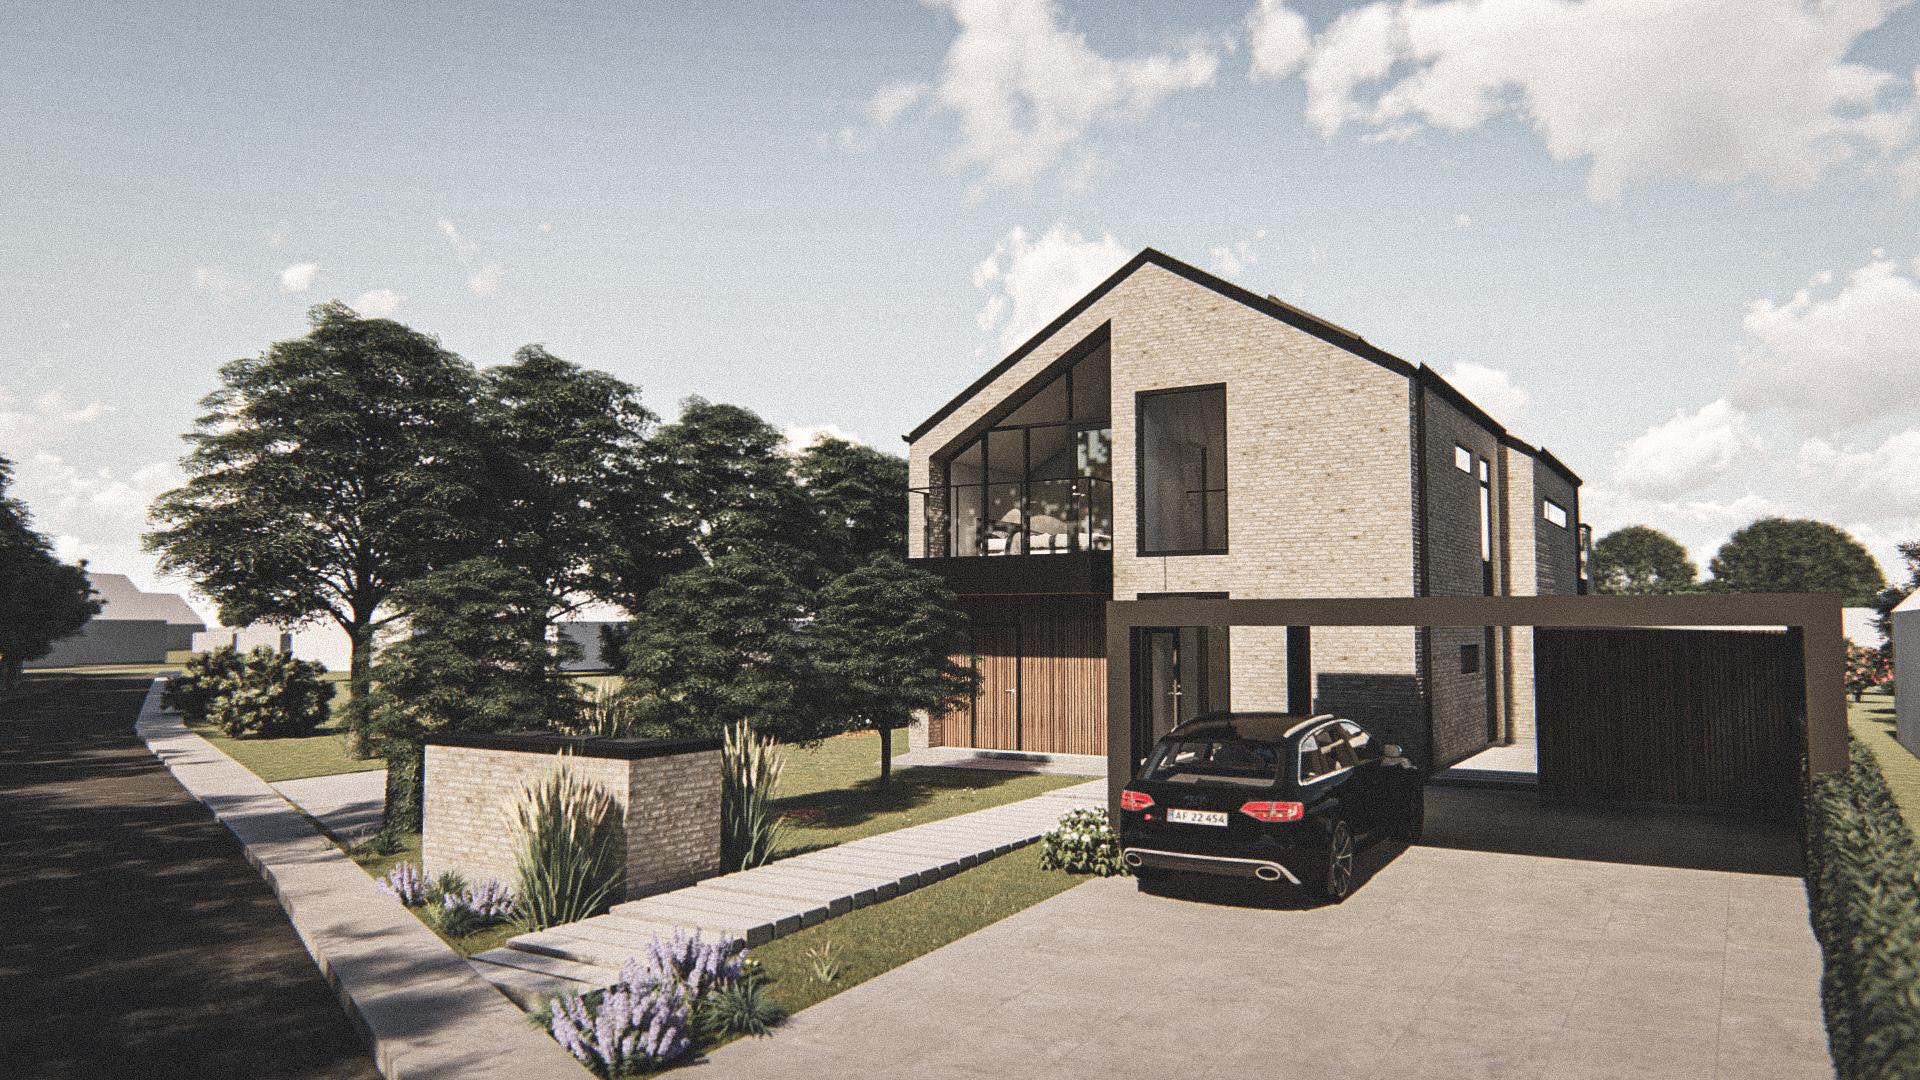 Billede af Dansk arkitekttegnet 2 plan villa af arkitektfirmaet m2plus, i Silkeborg på 220 kvartratmeter.